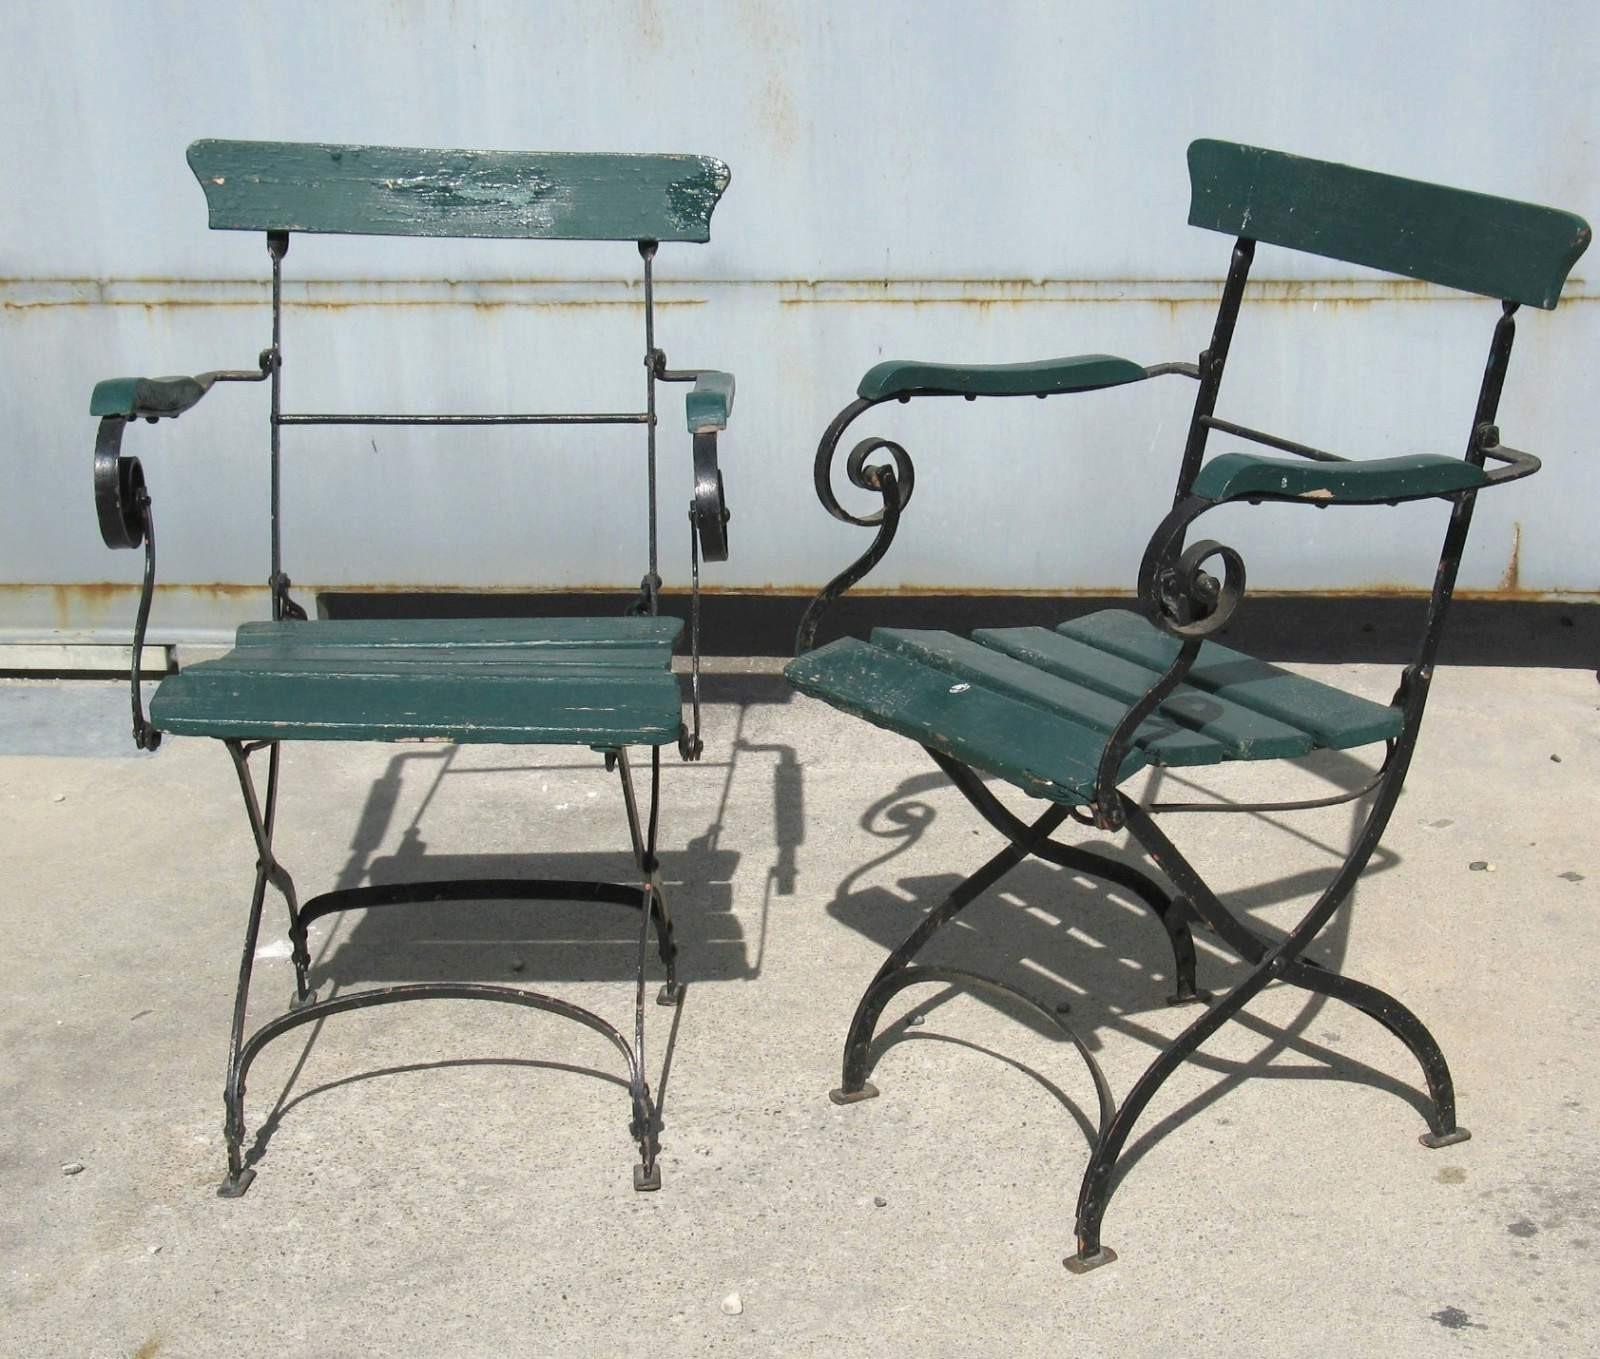 Salon De Jardin Aluminium Bois - The Best Undercut Ponytail encequiconcerne Table De Jardin Truffaut